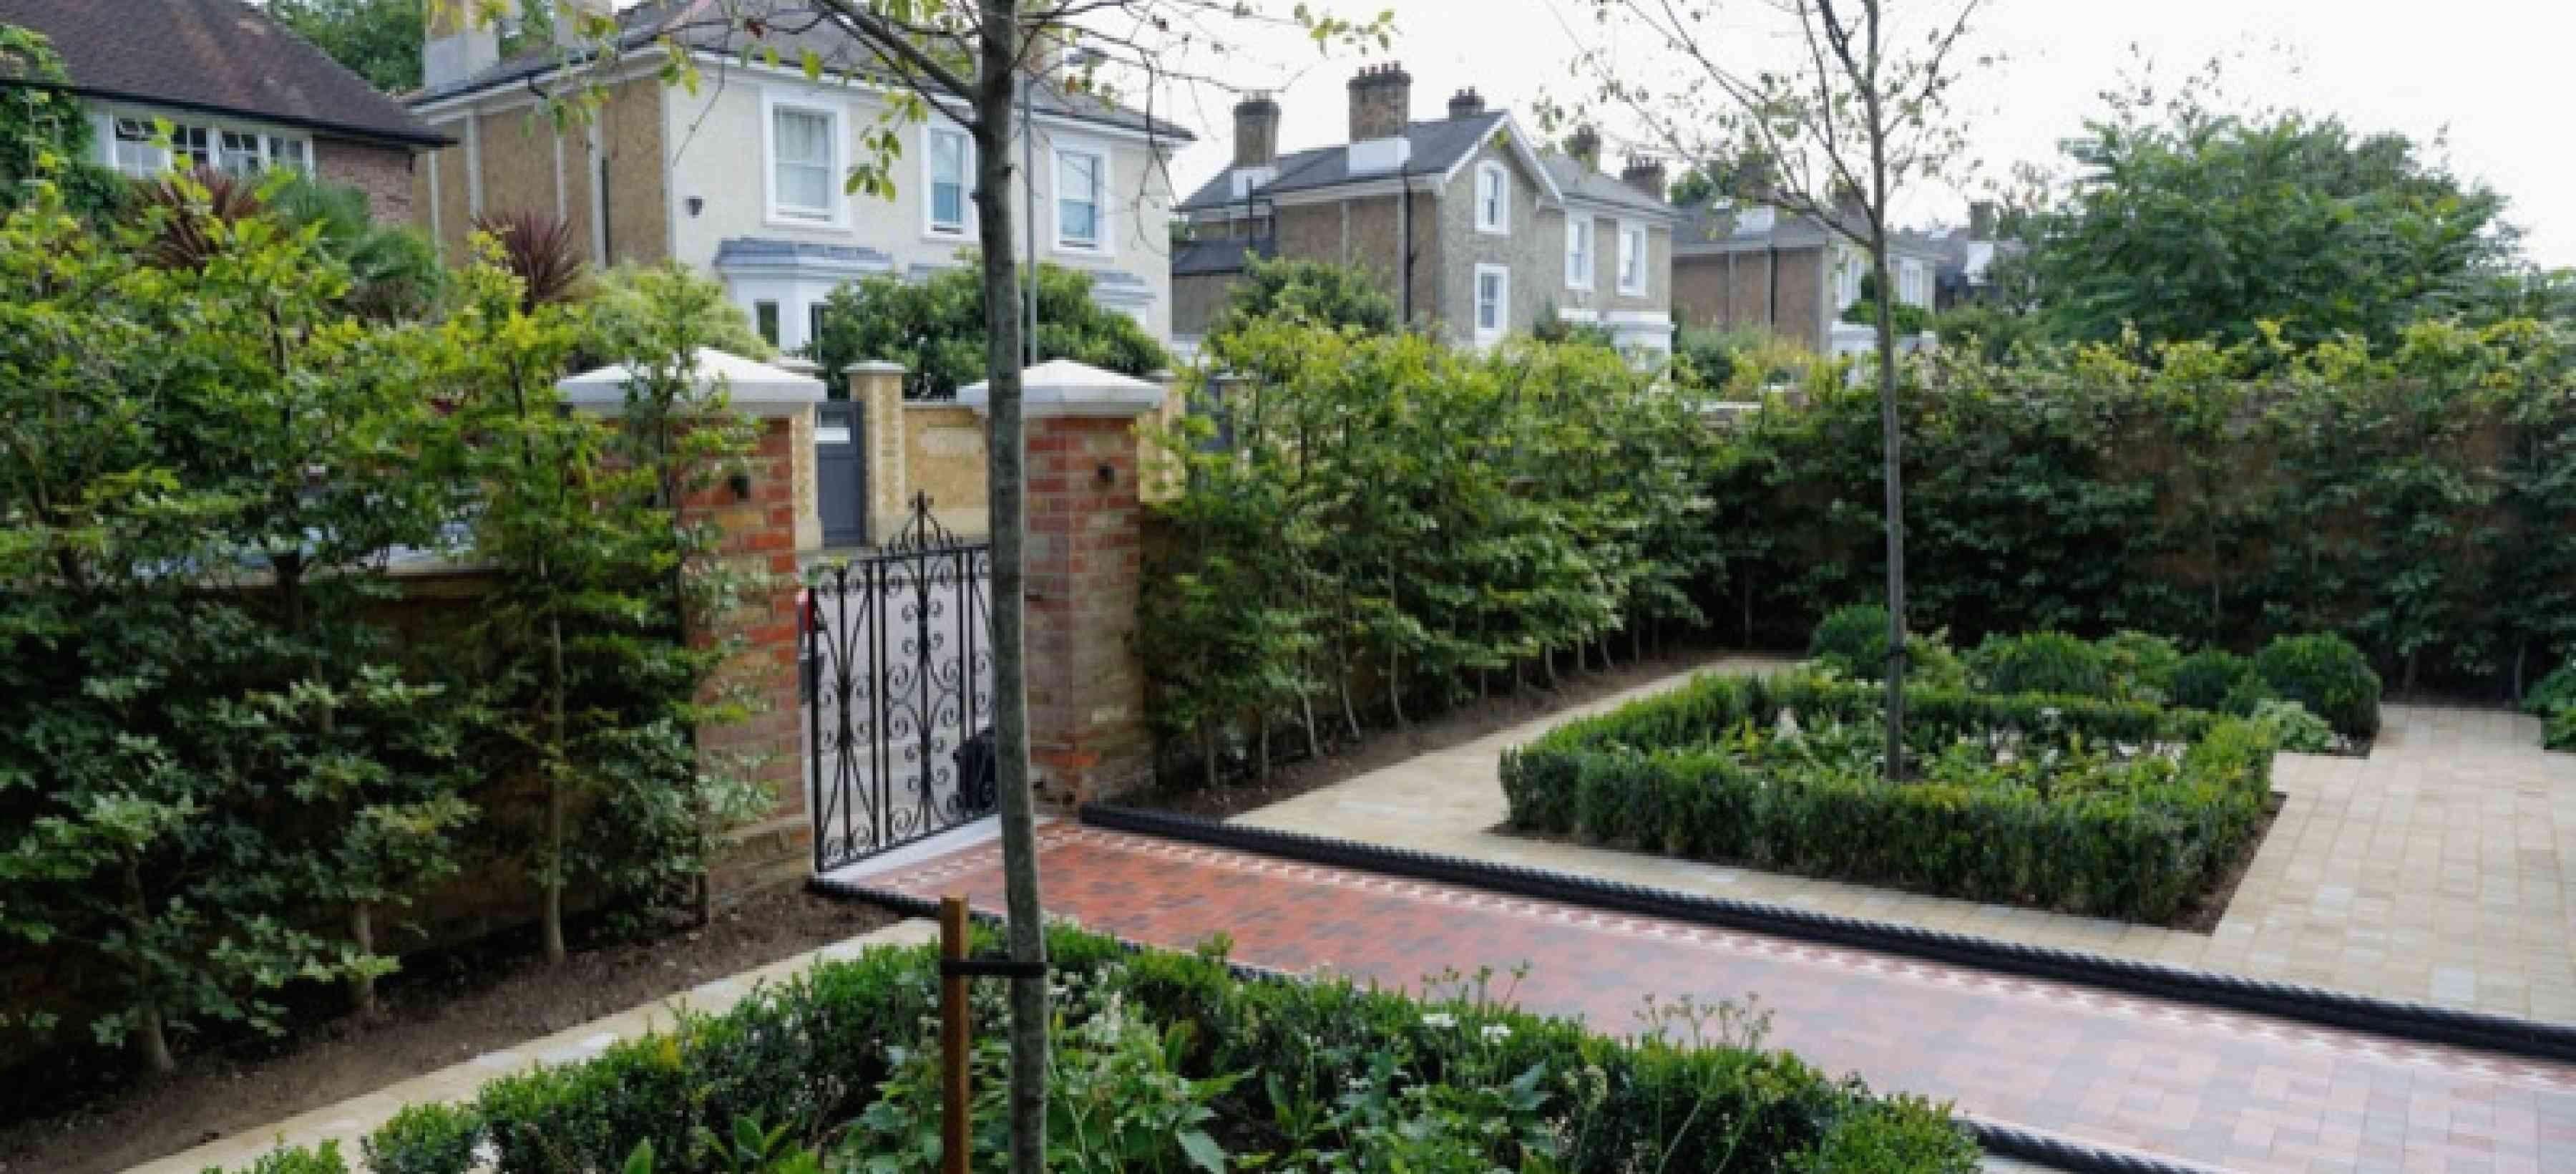 Victorian Garden South West London 1000 Victorian Front Garden Victorian Gardens Rock Garden Landscaping